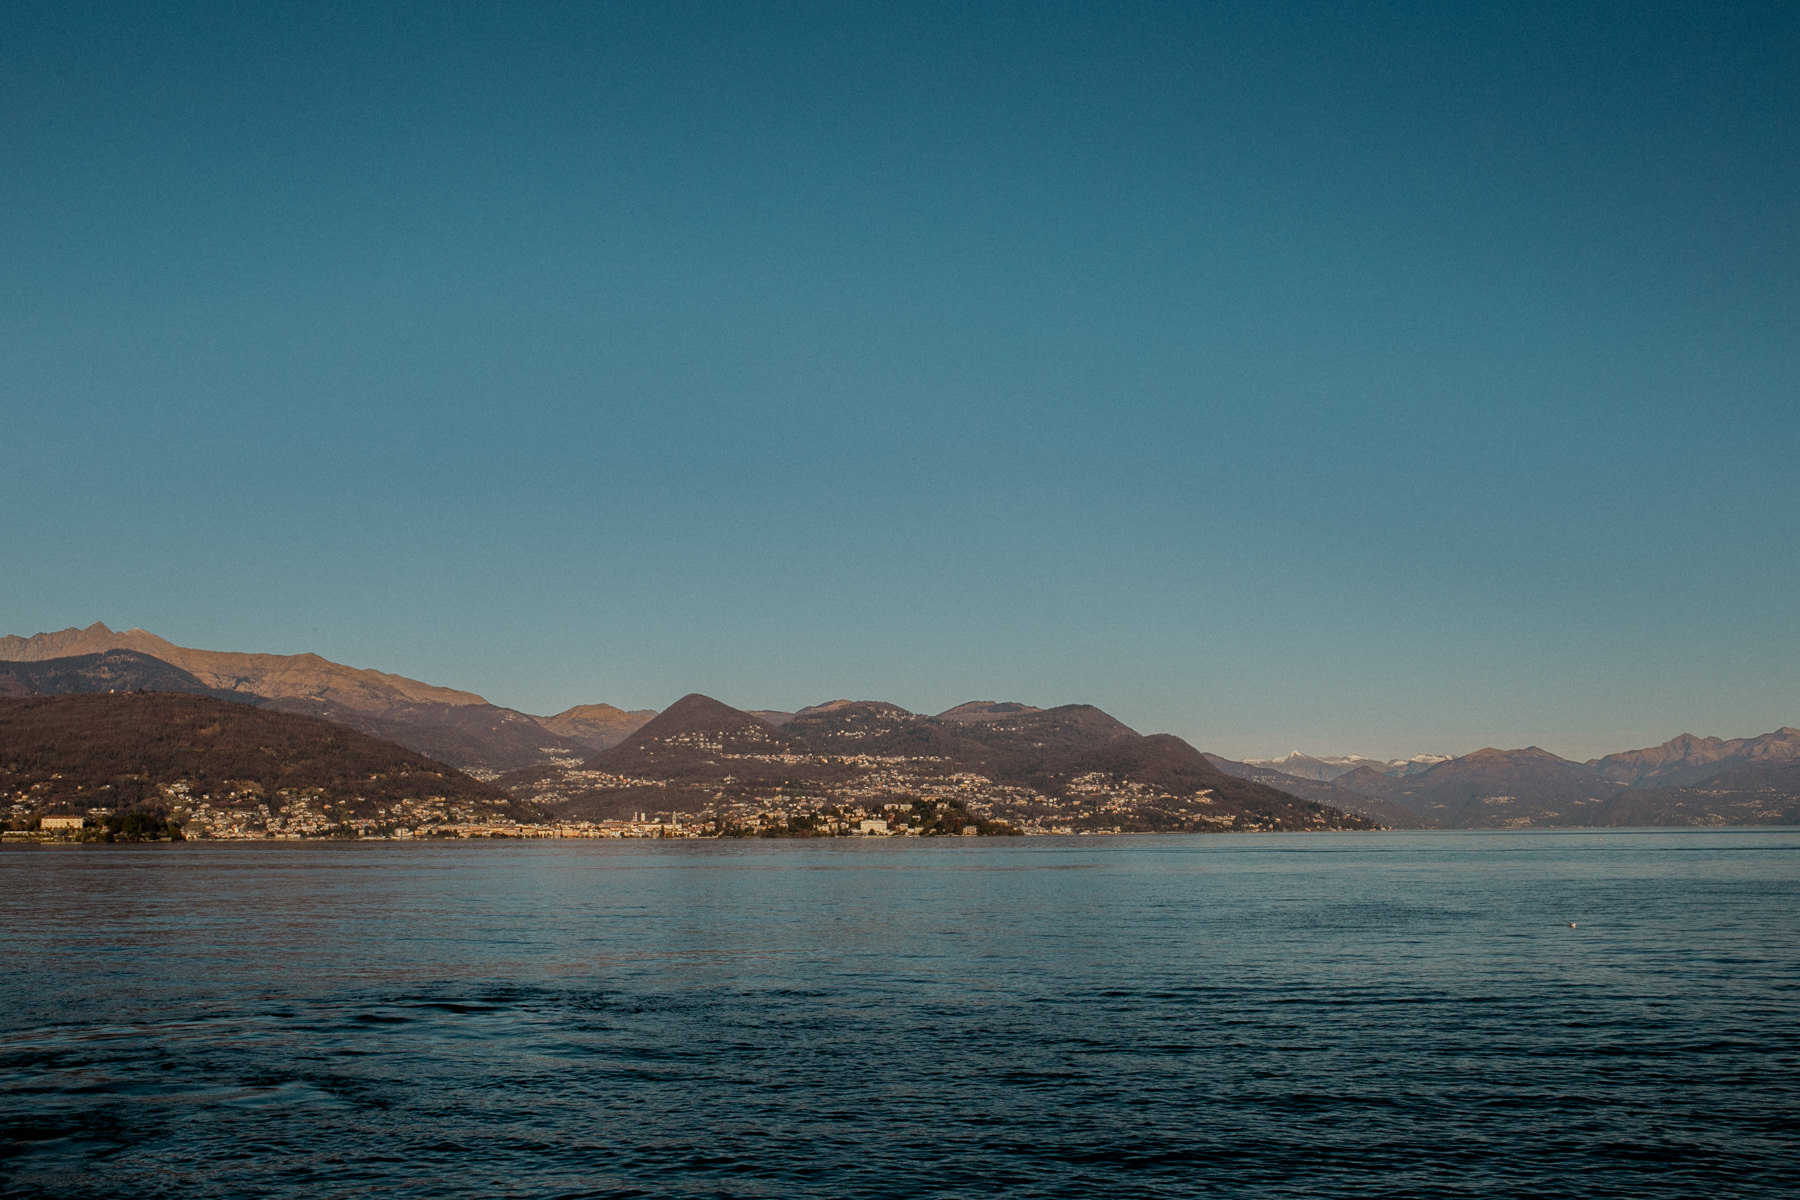 lago_maggiore_italy_liviafigueiredo_8351.jpg